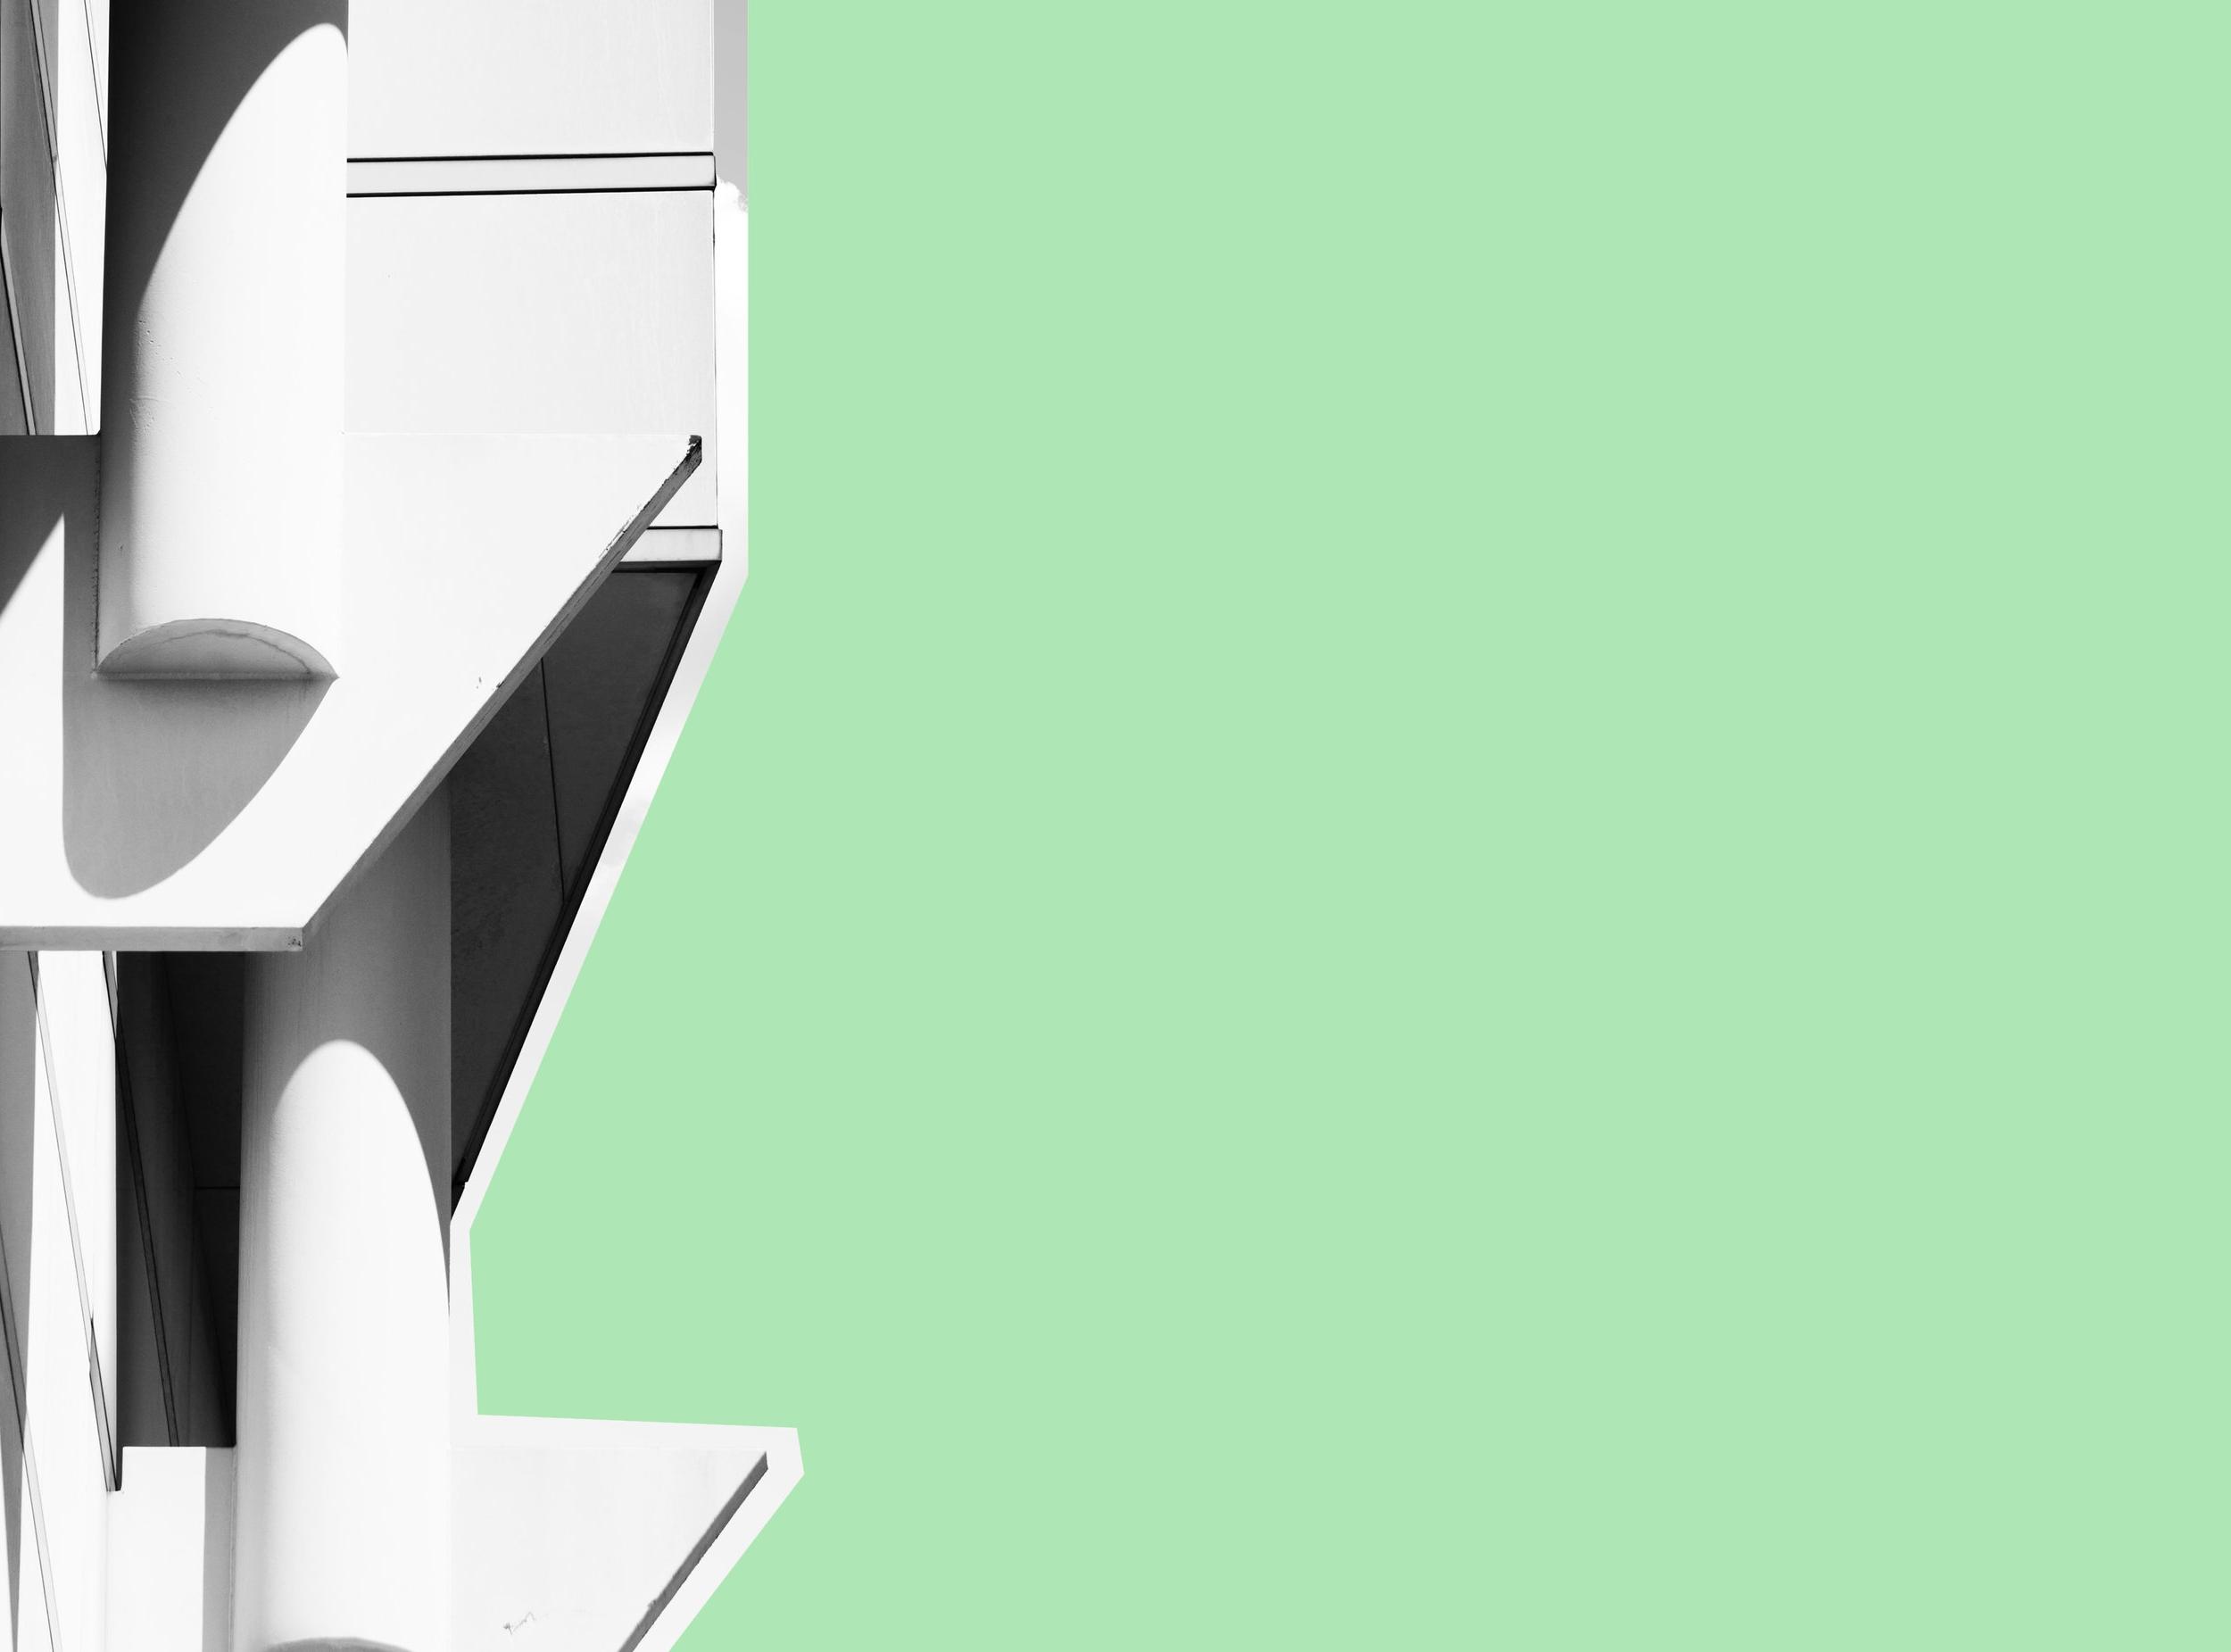 MONITORAGGIO ARIA AMBIENTI INDOOR - Offriamo Servizi professionali di monitoraggio aria negli ambienti indoor, mirati ad analizzare la situazione attuale e risolvere in modo definitivo il problema.